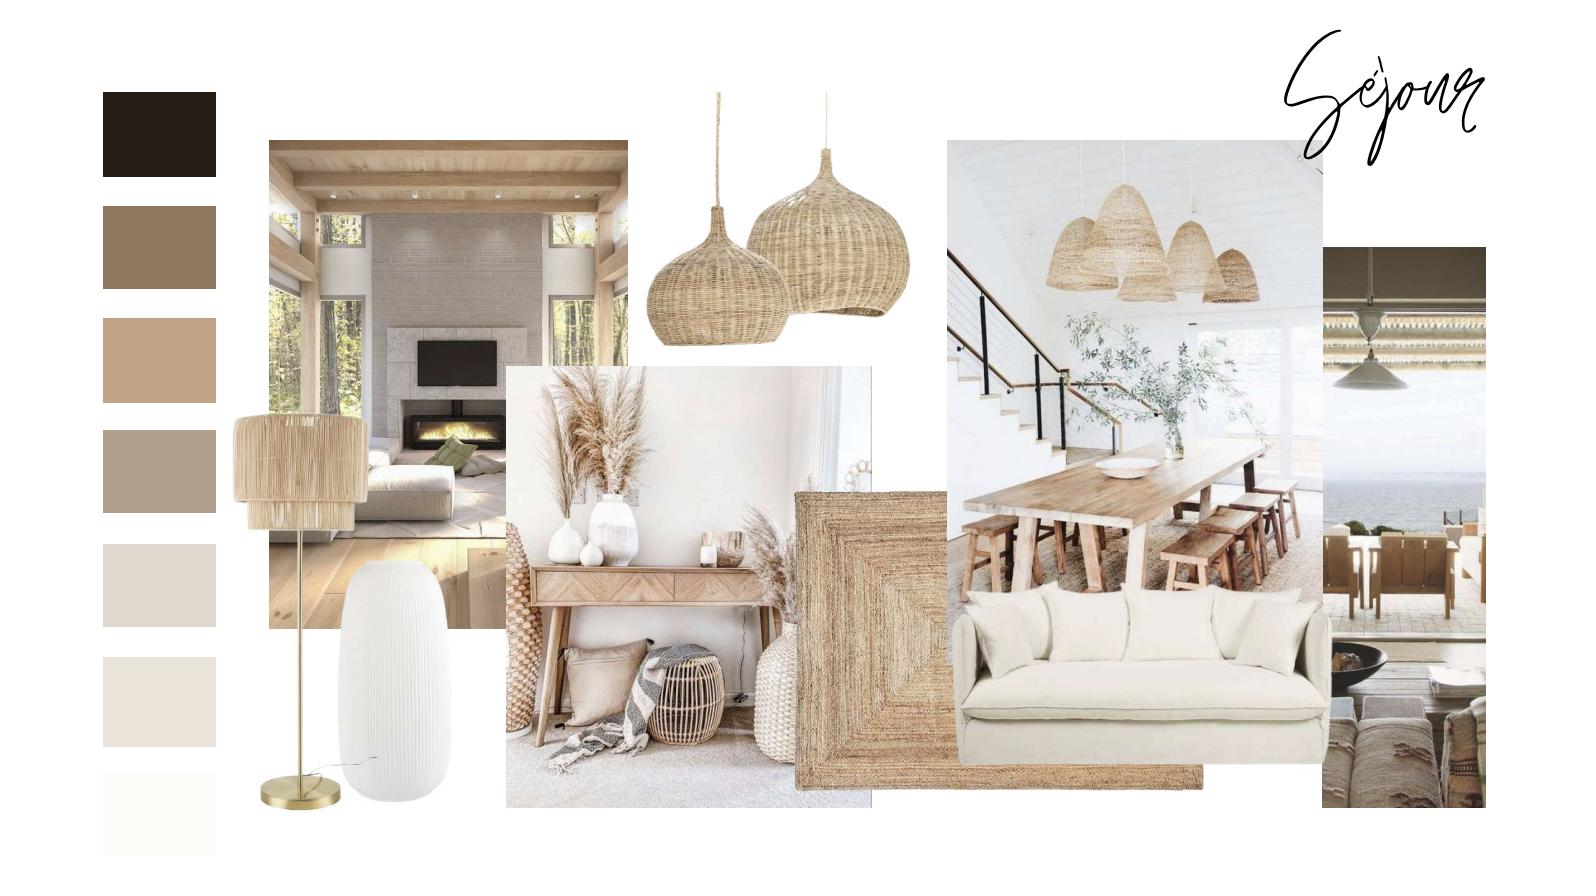 ambiance boheme planche ambiance sejour salon salle à manger coin repas naturel bois moderne